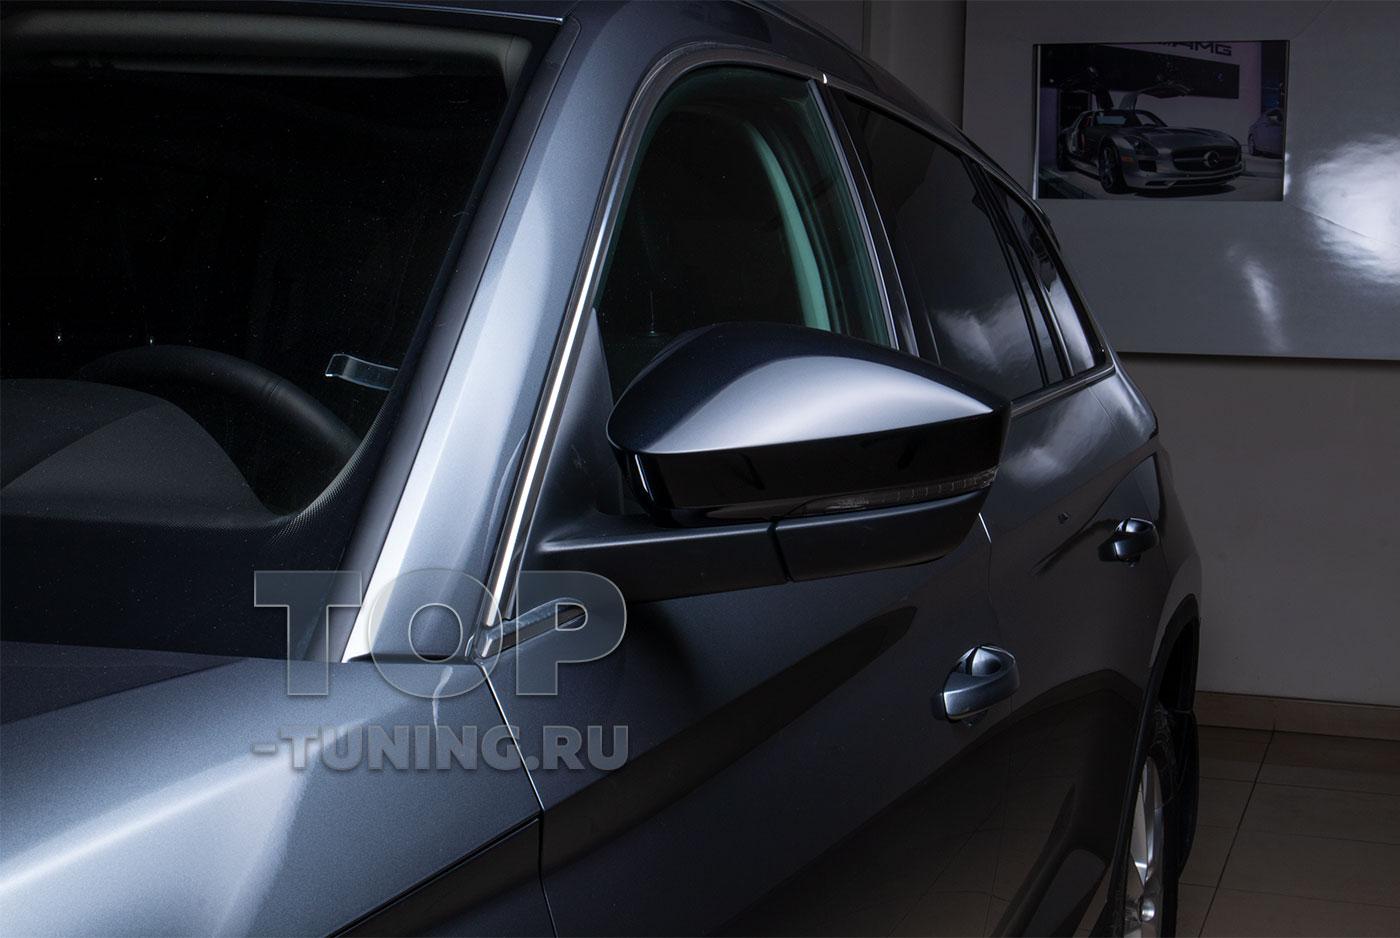 Черные крышки боковых зеркал -  Skoda Kodiaq - под ключ